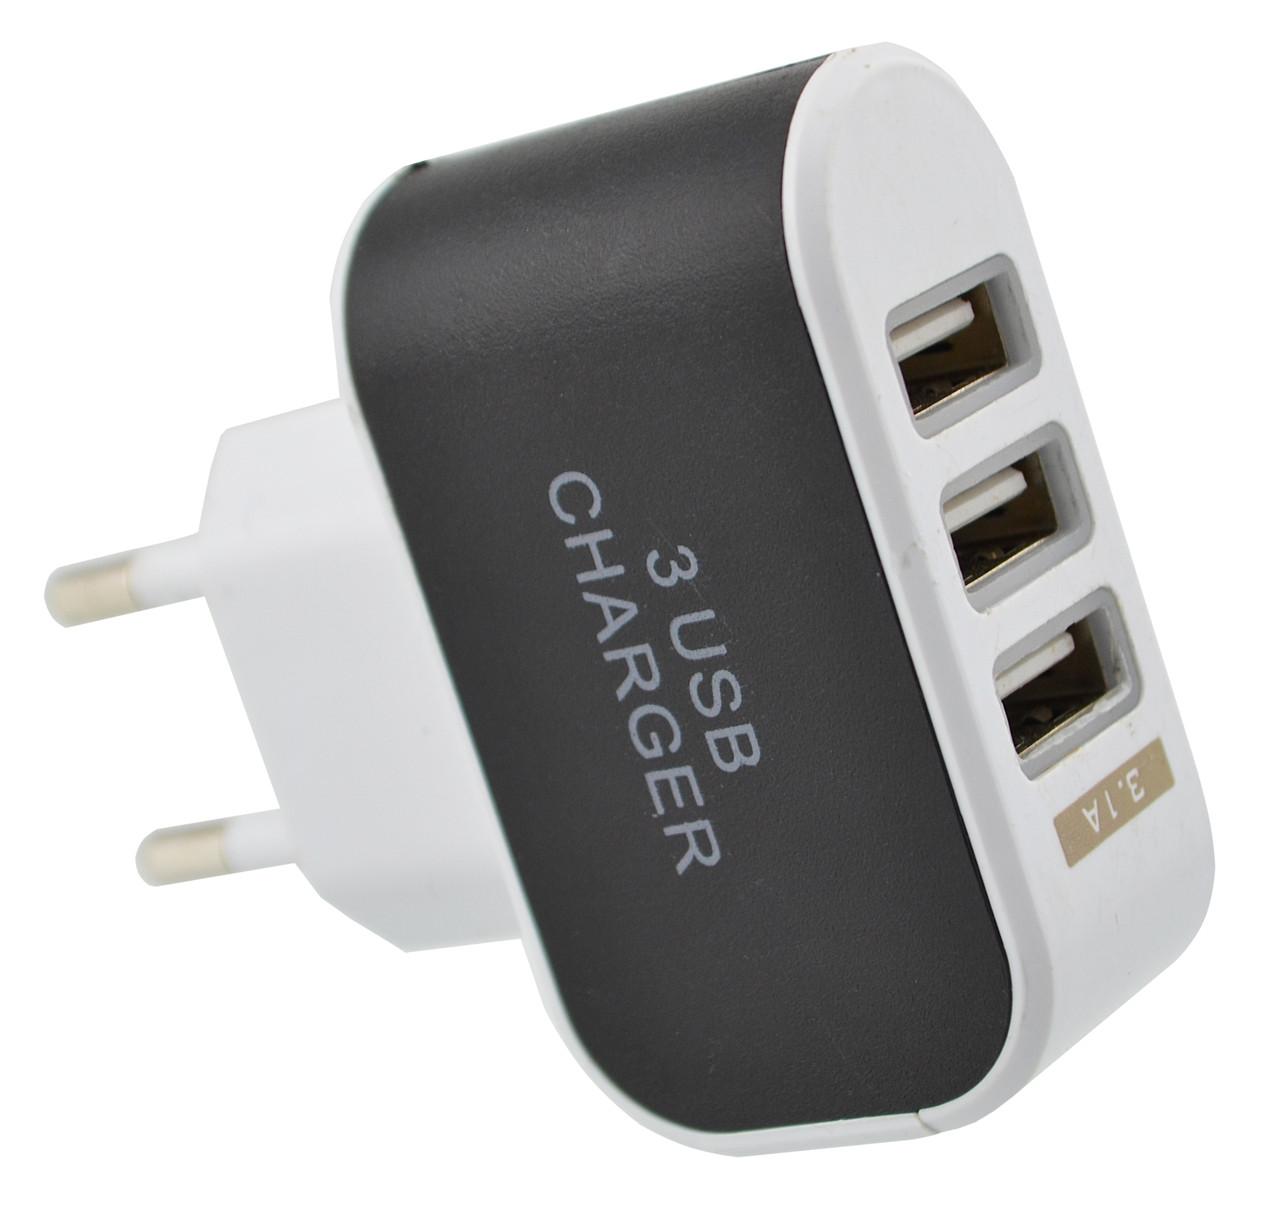 Блок питания на 3 USB зарядное адаптер 3.1A (2757)